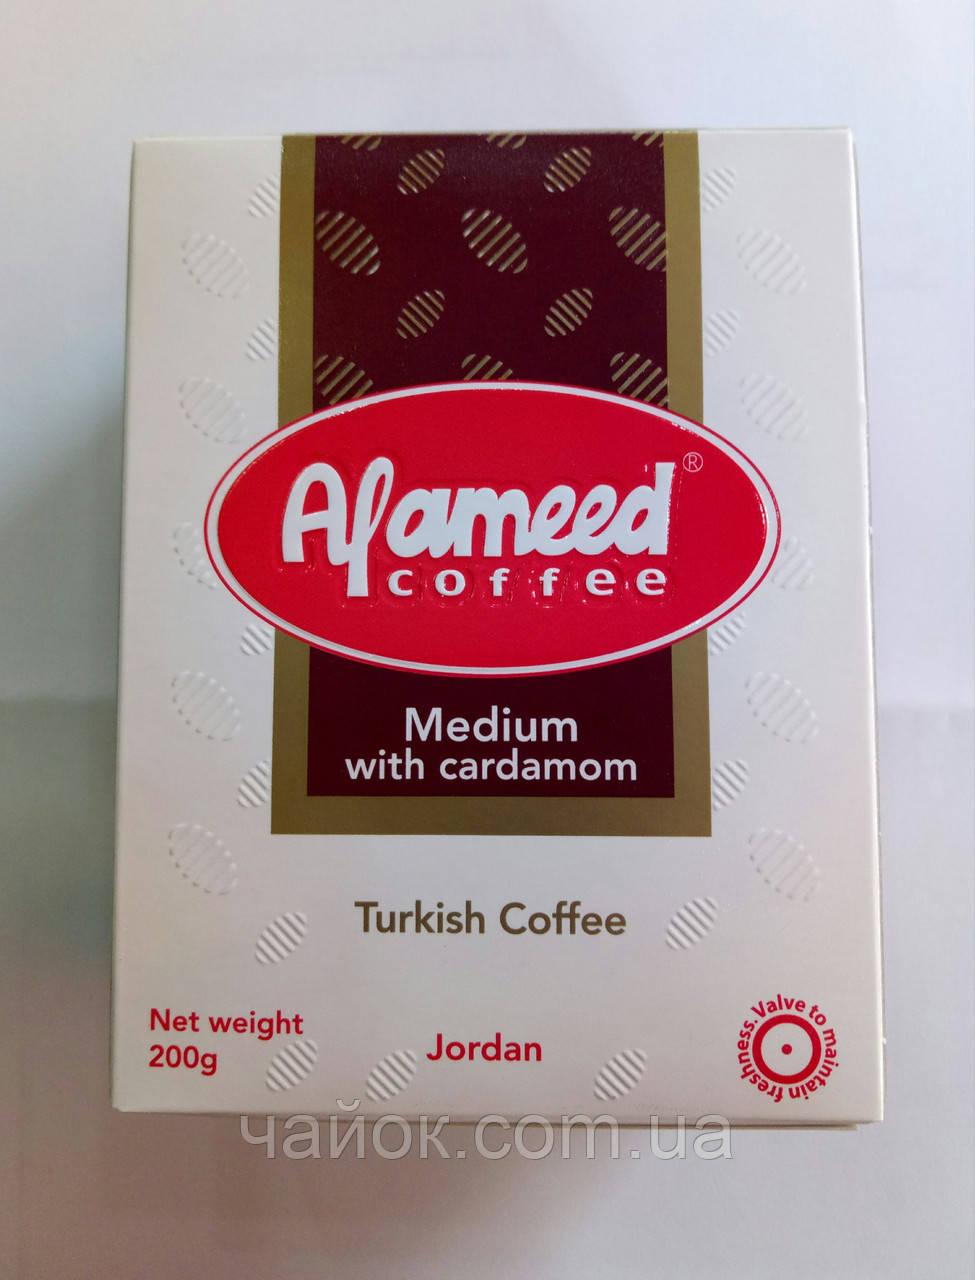 Кофе Alameed 200 грамм молотый с кардамоном средней обжарки